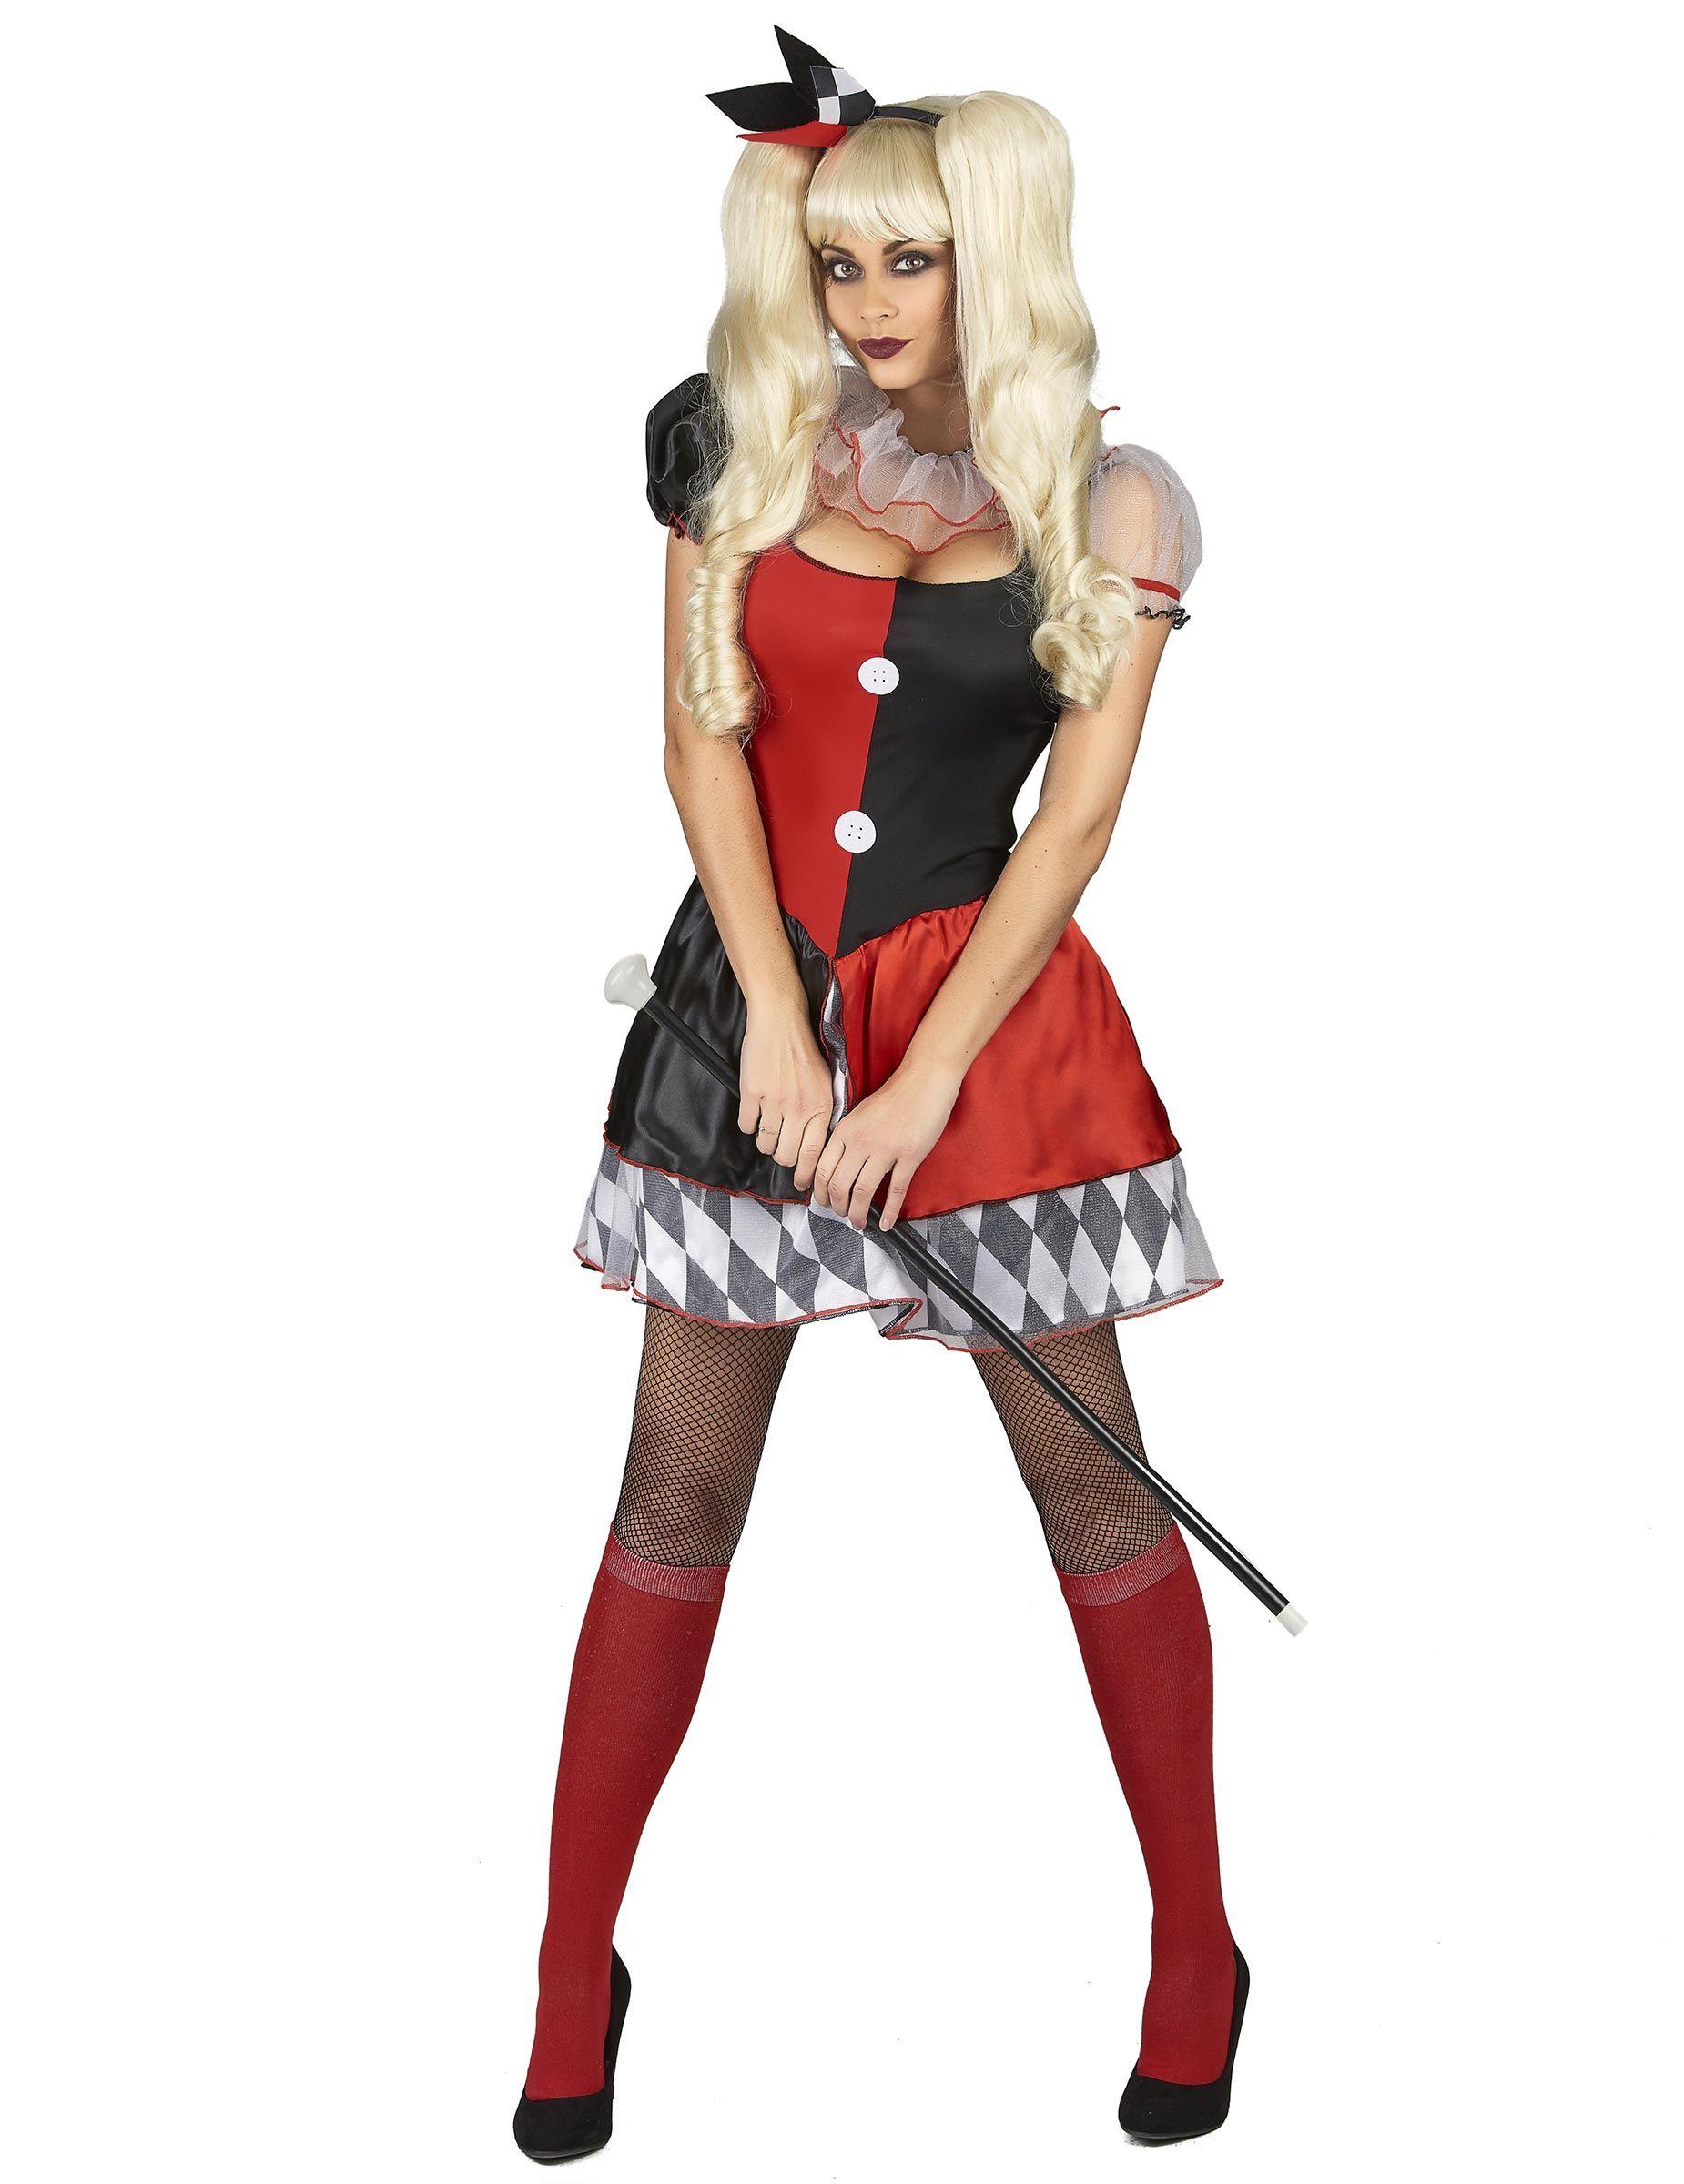 D guisement arlequin rouge et noir femme - Deguisement pour femme enceinte ...